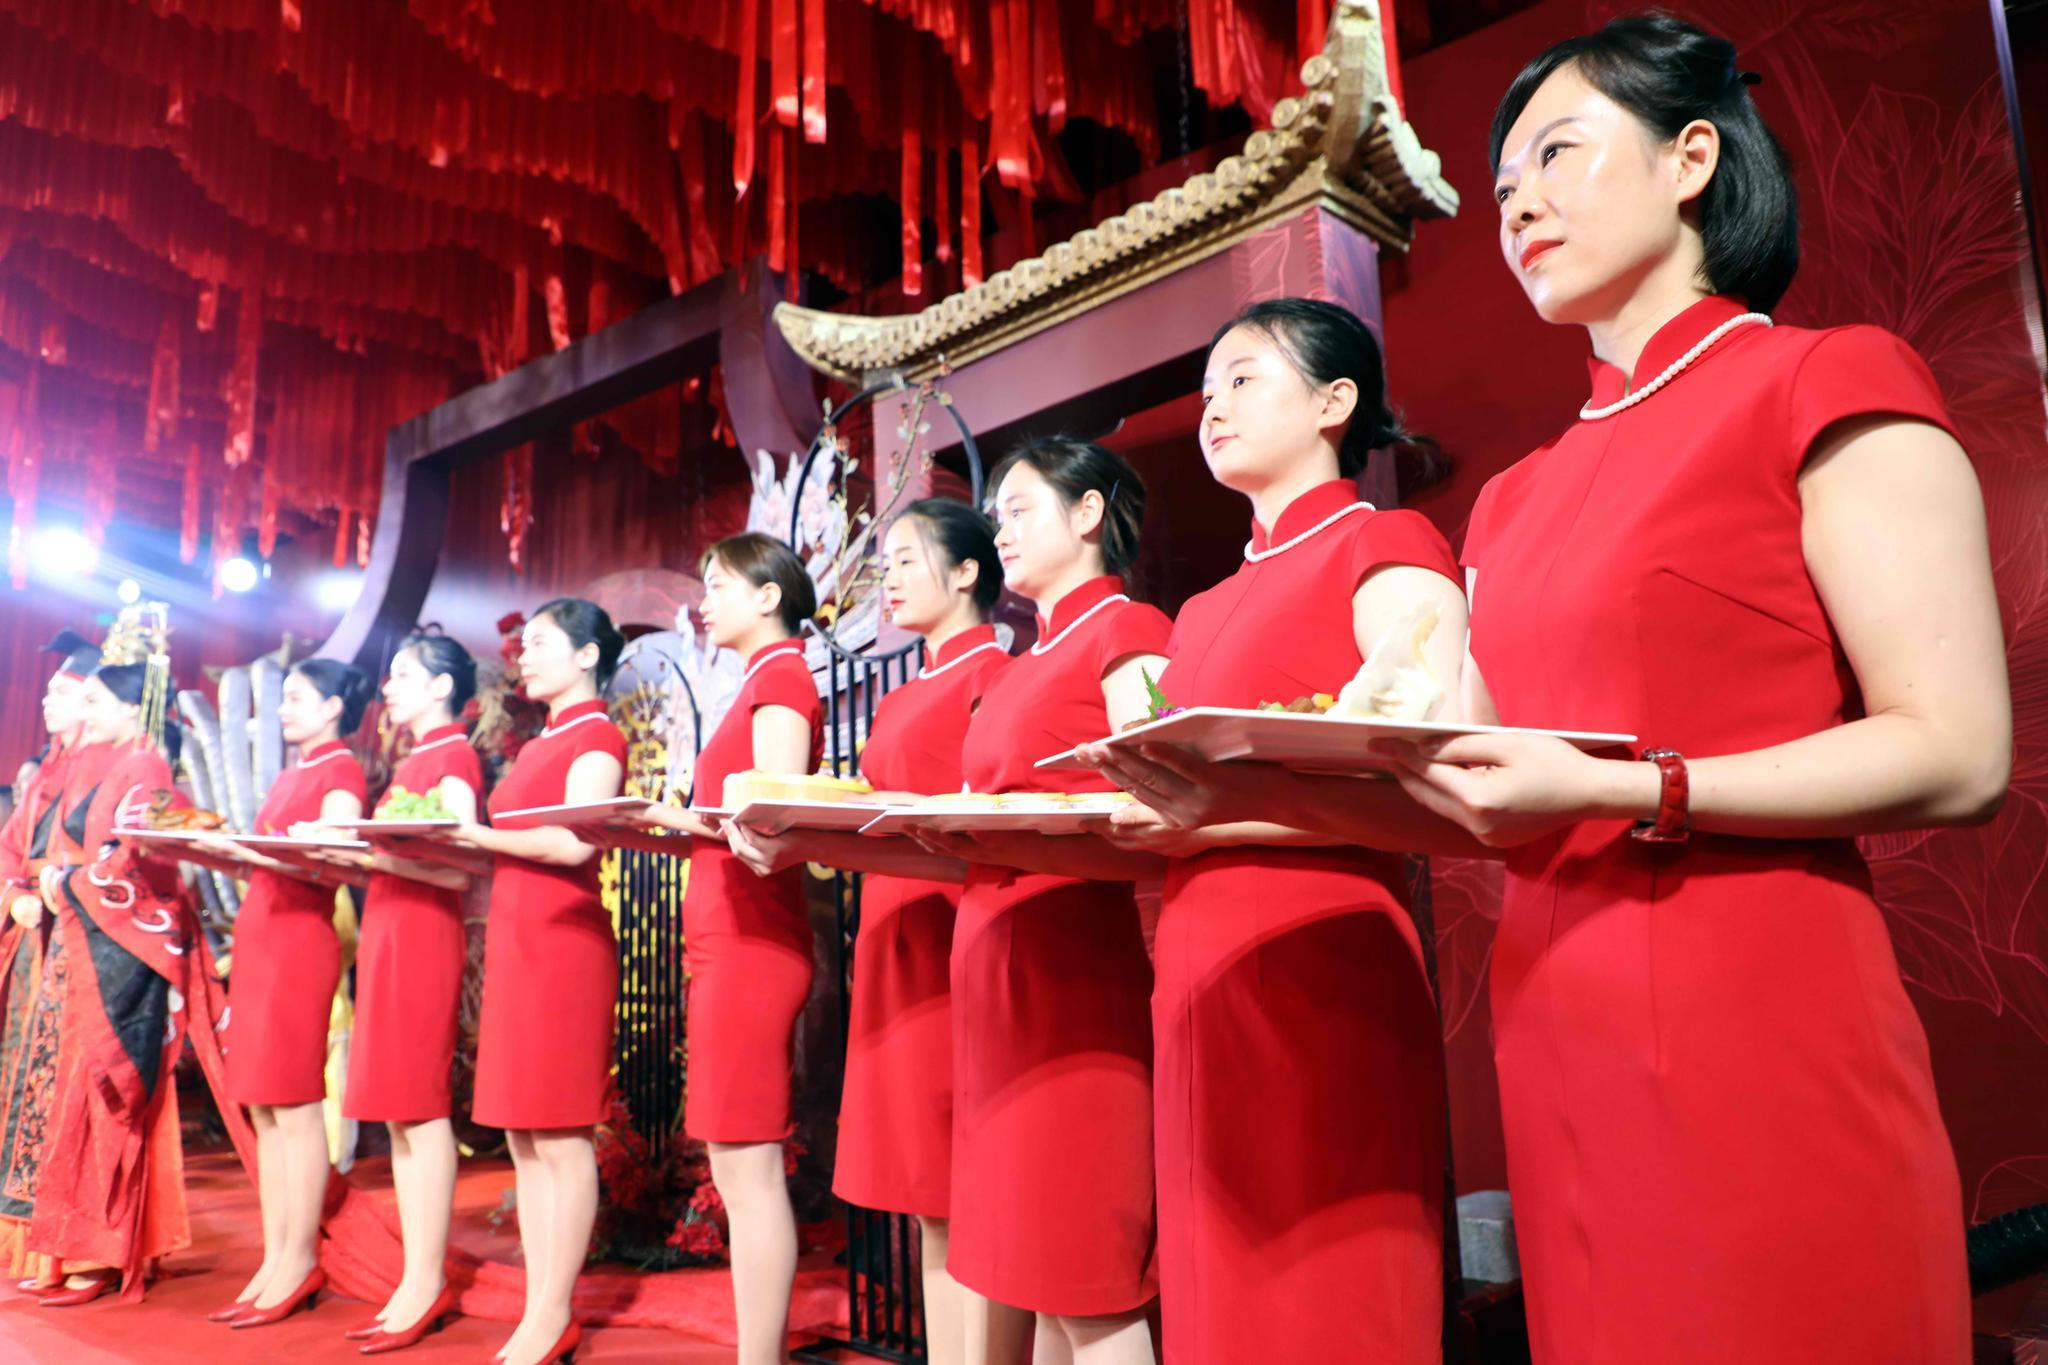 安徽芜湖:一场中式婚礼大秀上,给人留下最深印象的有他们!